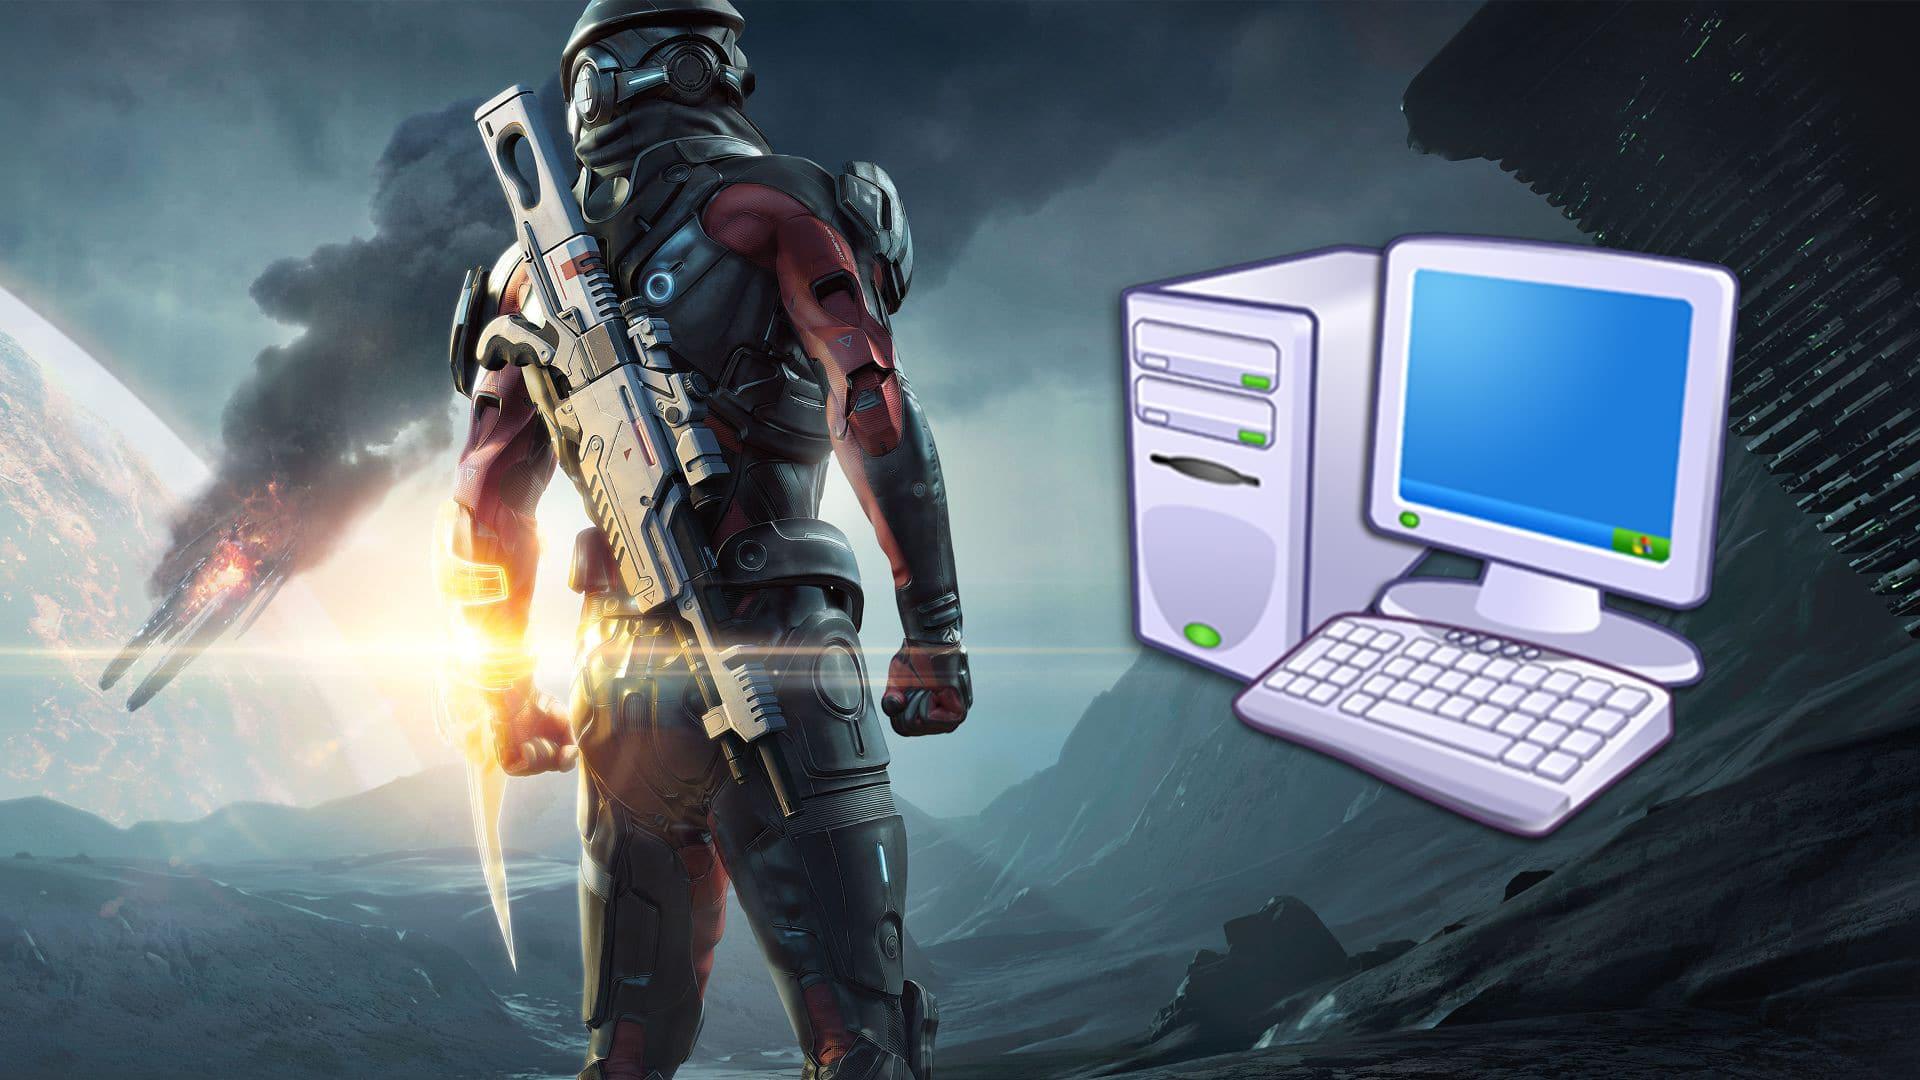 Ανακοινώθηκαν τα PC Specs για το Mass Effect: Andromeda! - videogamer.gr